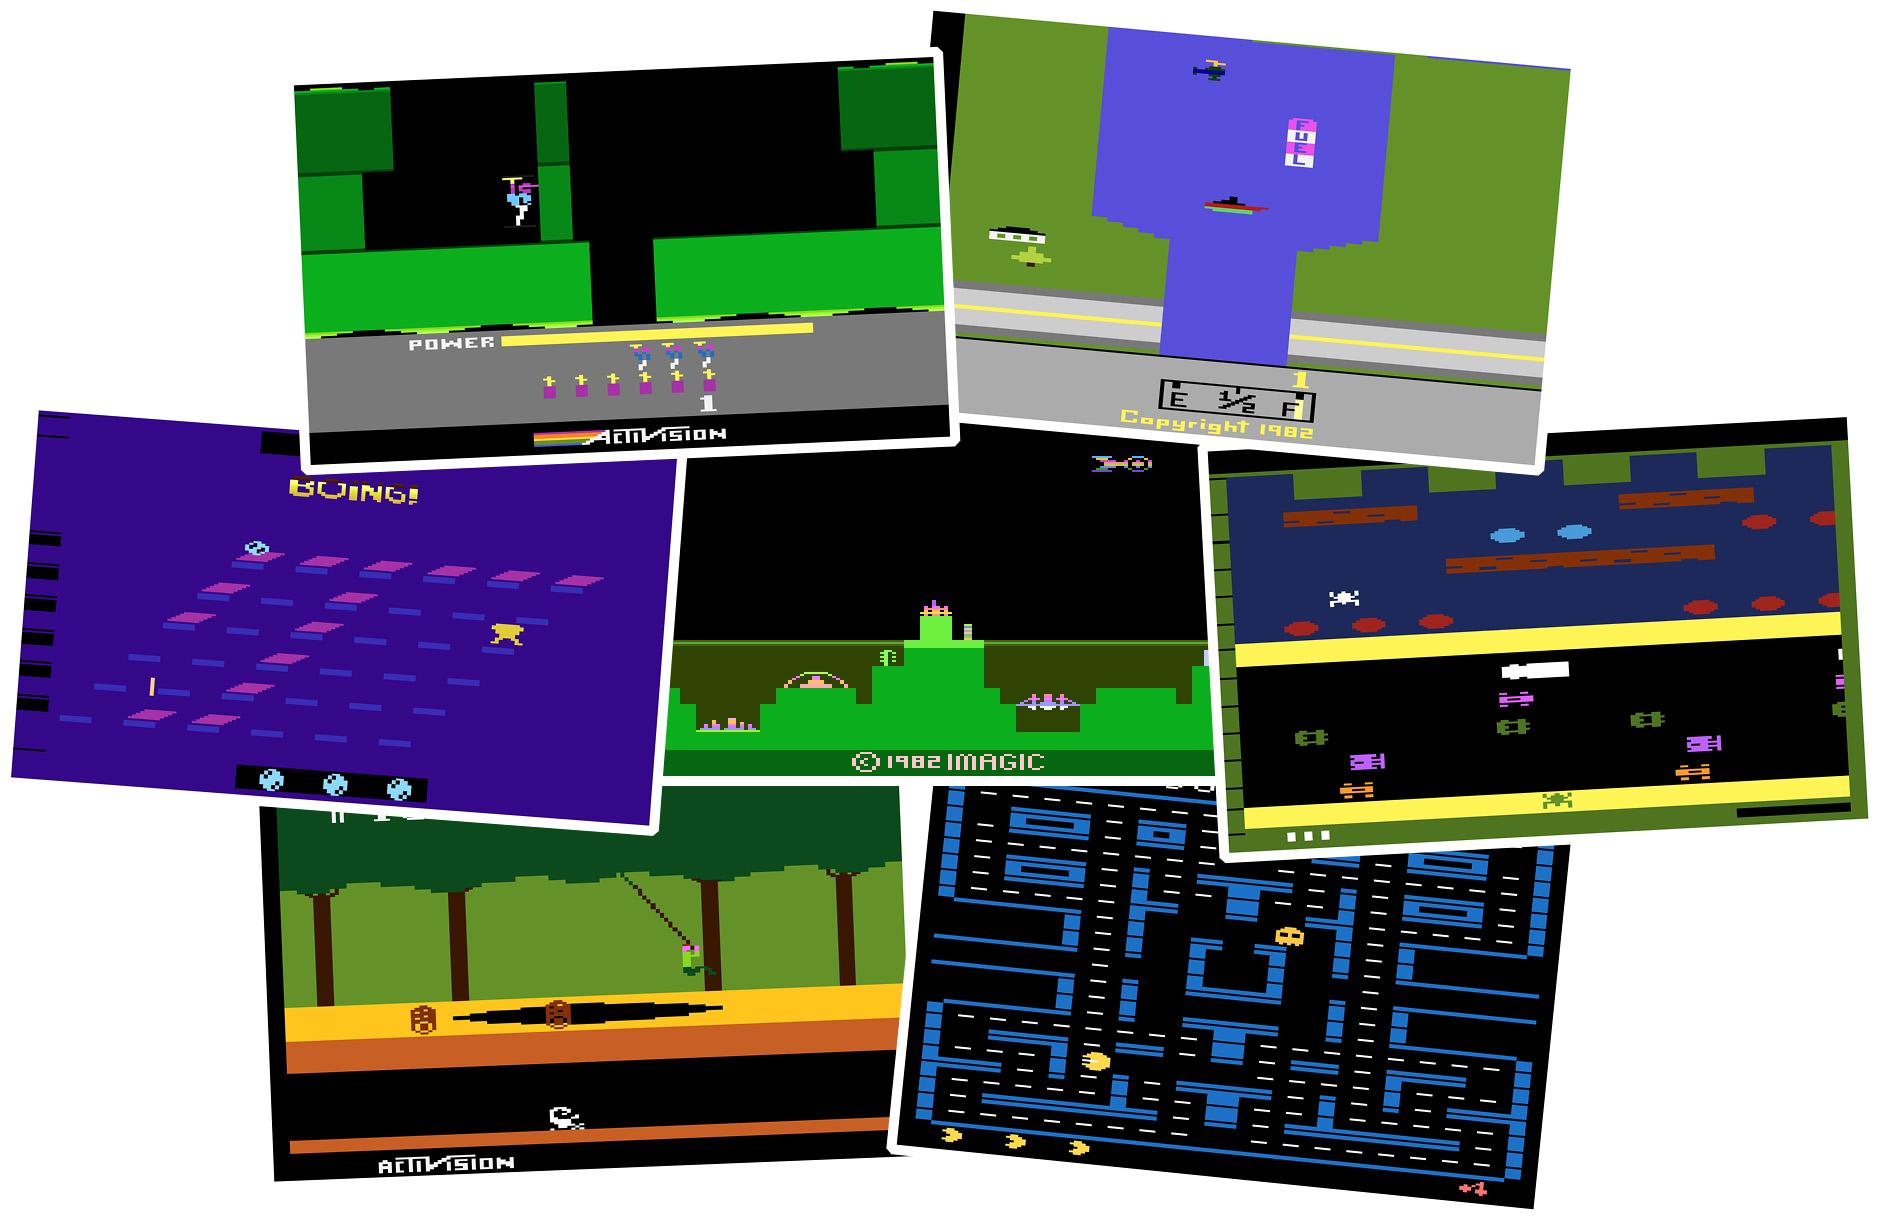 Atari 2600 games